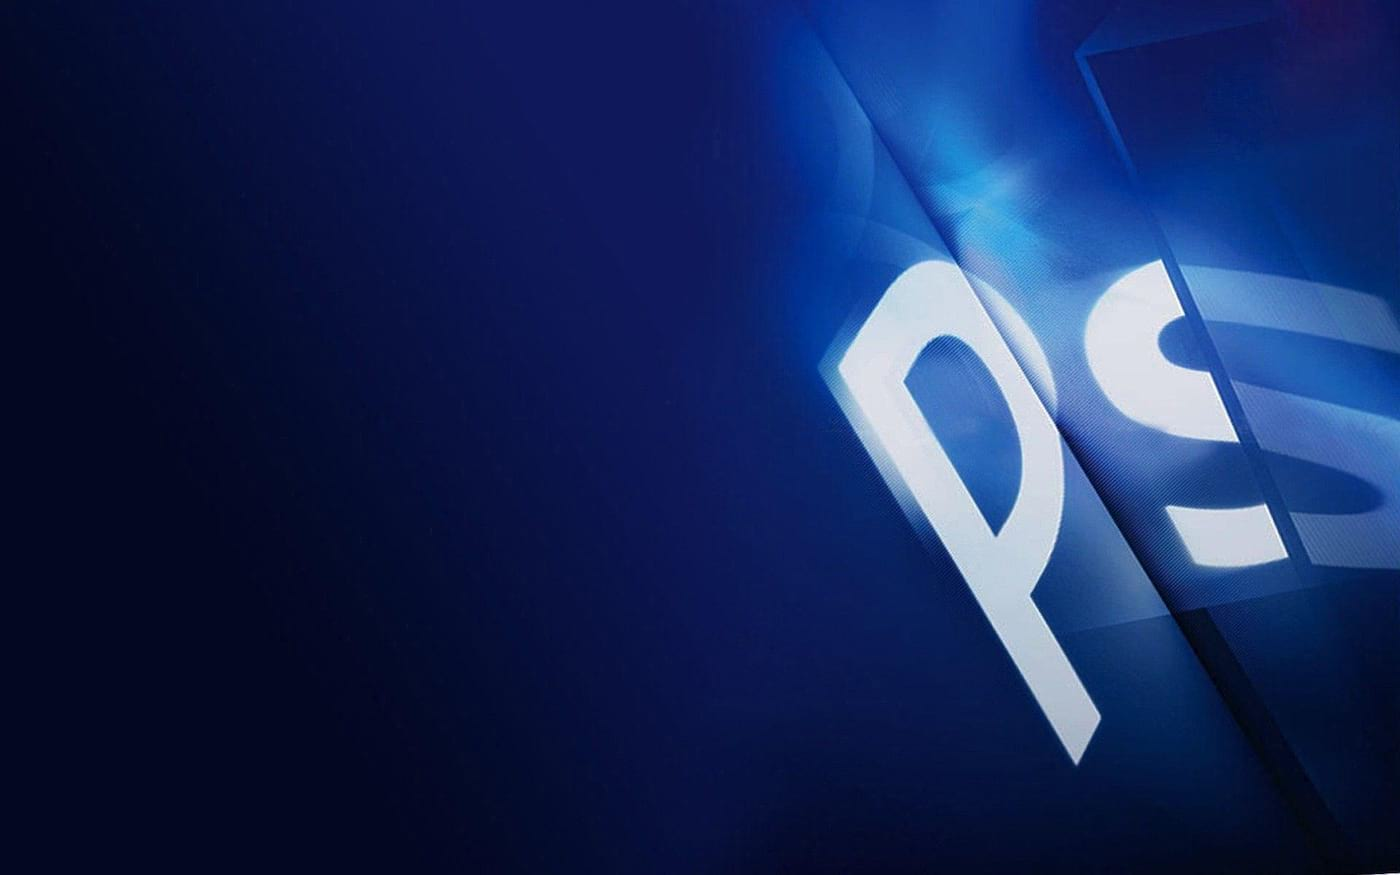 Os 7 melhores plugins para Photoshop